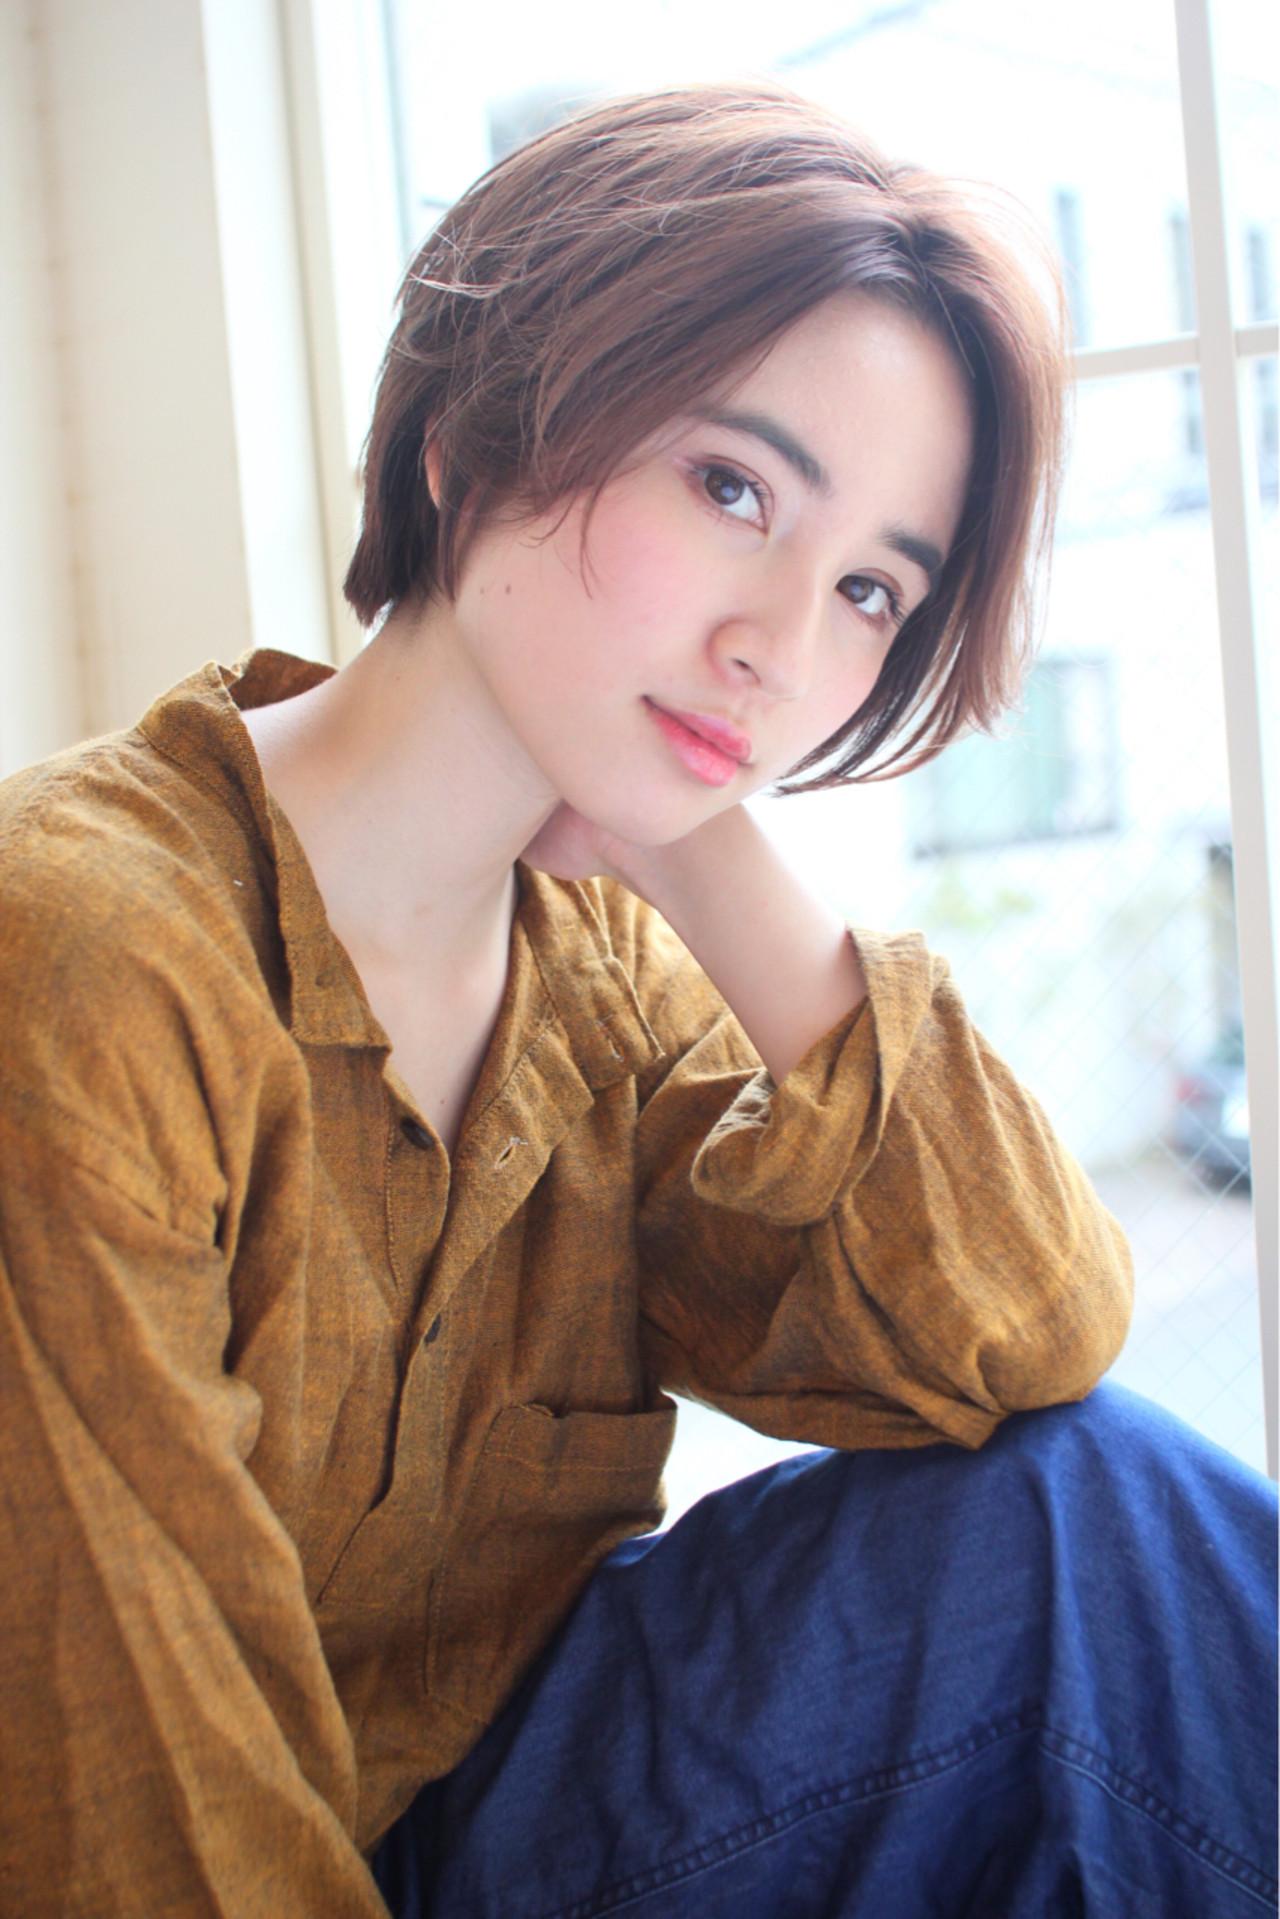 前髪あり センターパート ショート こなれ感 ヘアスタイルや髪型の写真・画像 | 高橋苗 / GARDENharajuku